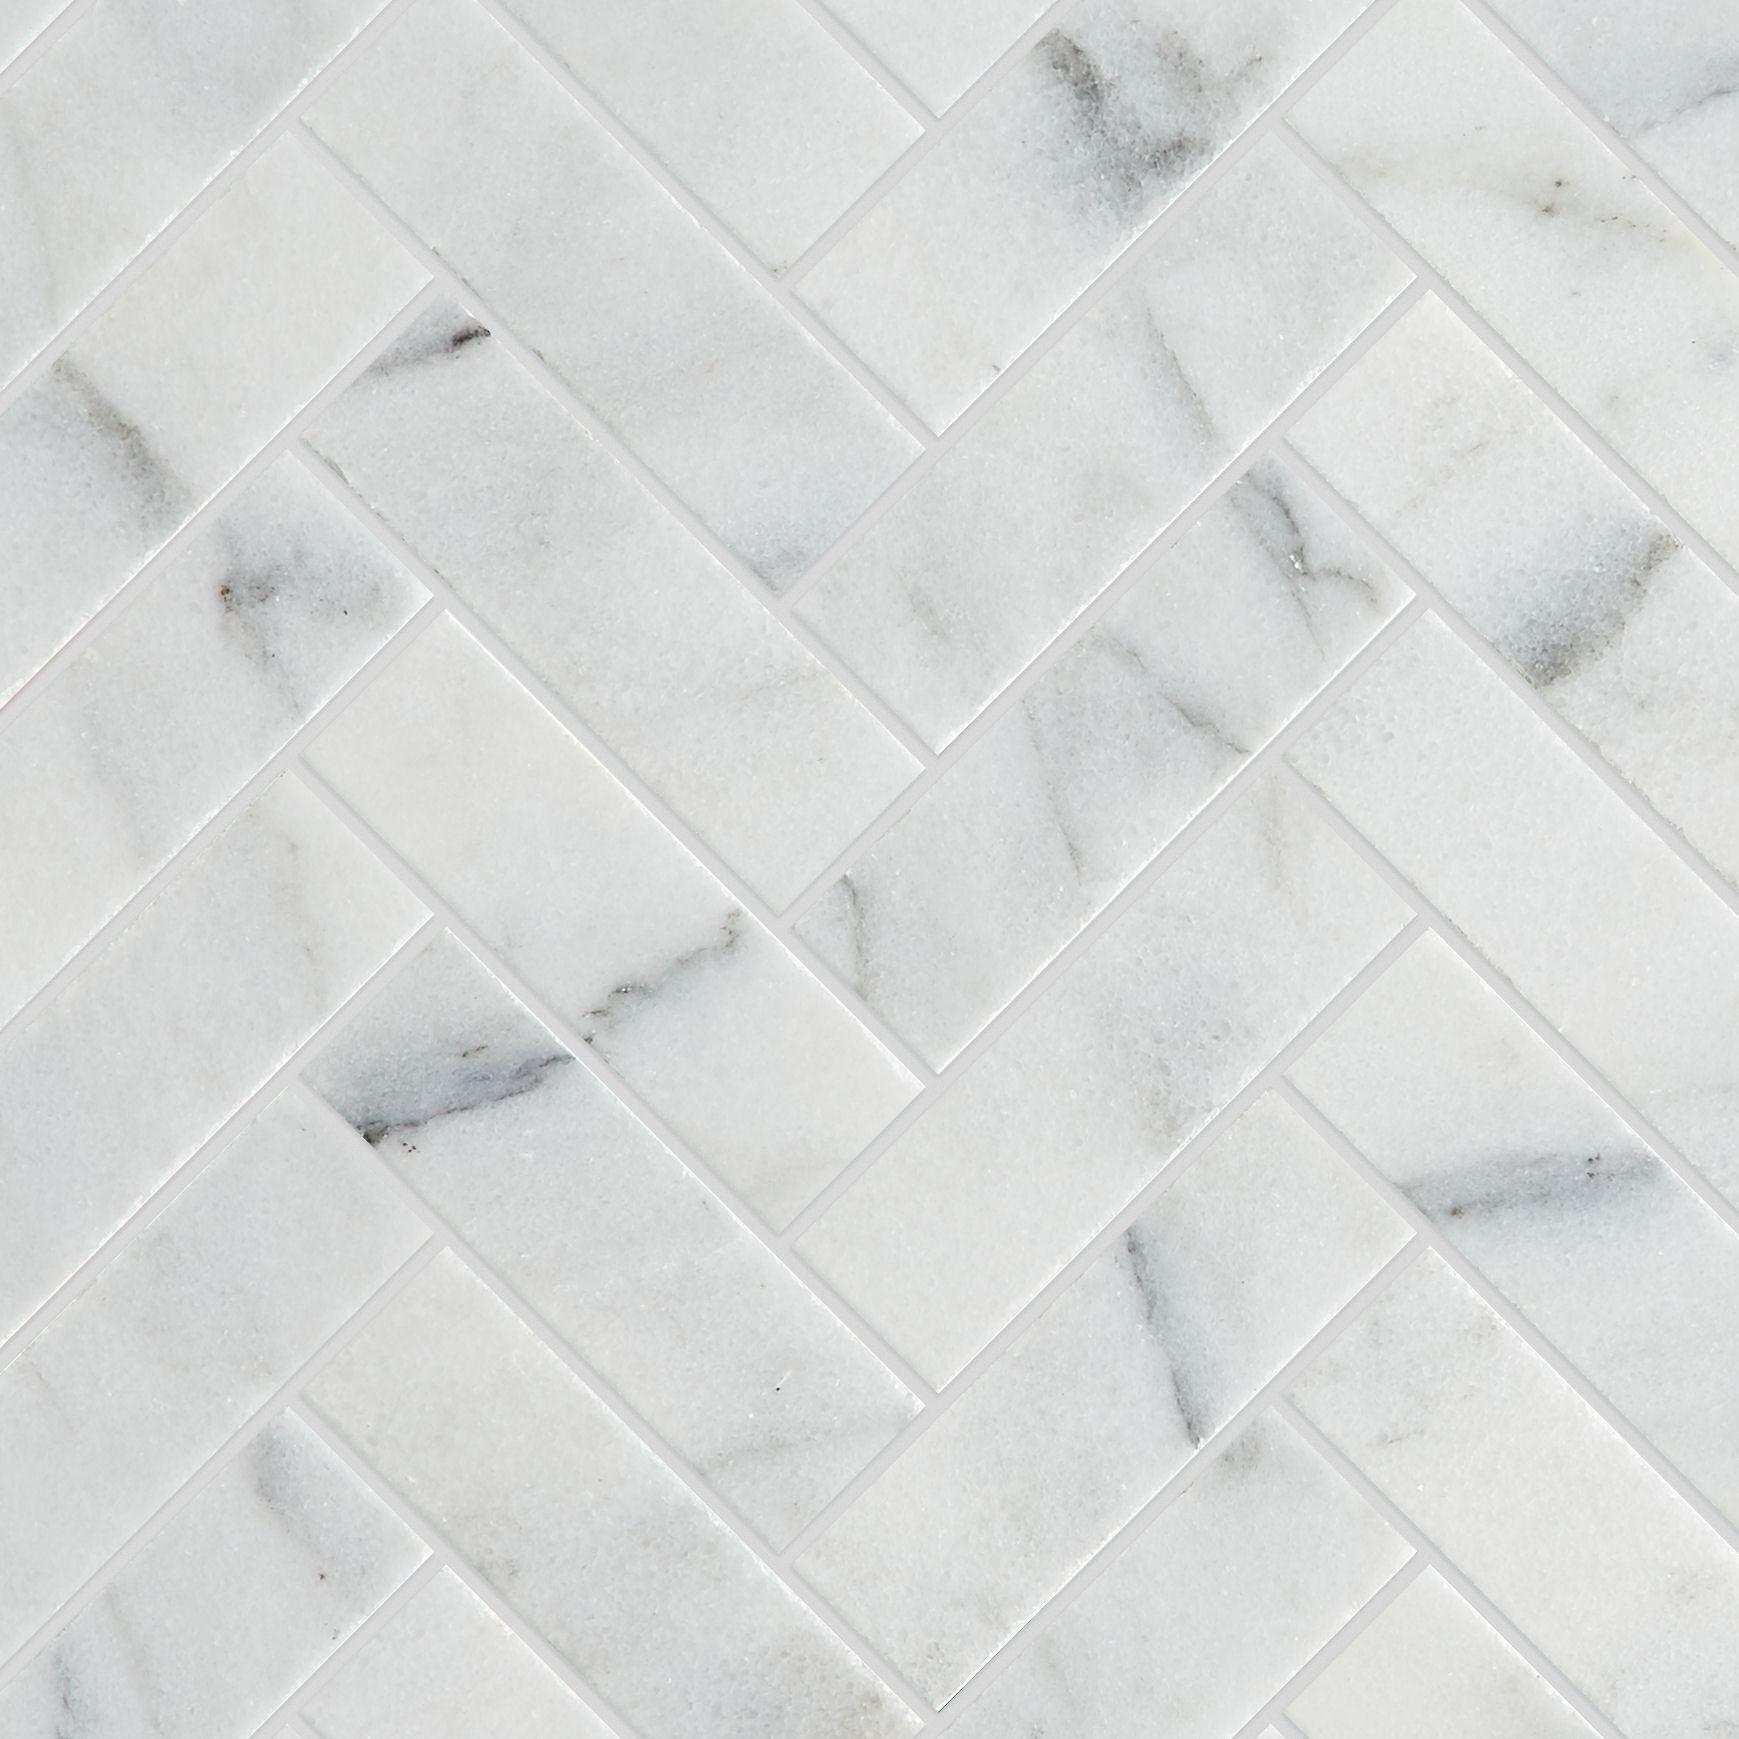 Calacatta Vein Honed Marble Herringbone Mosaic Tiles